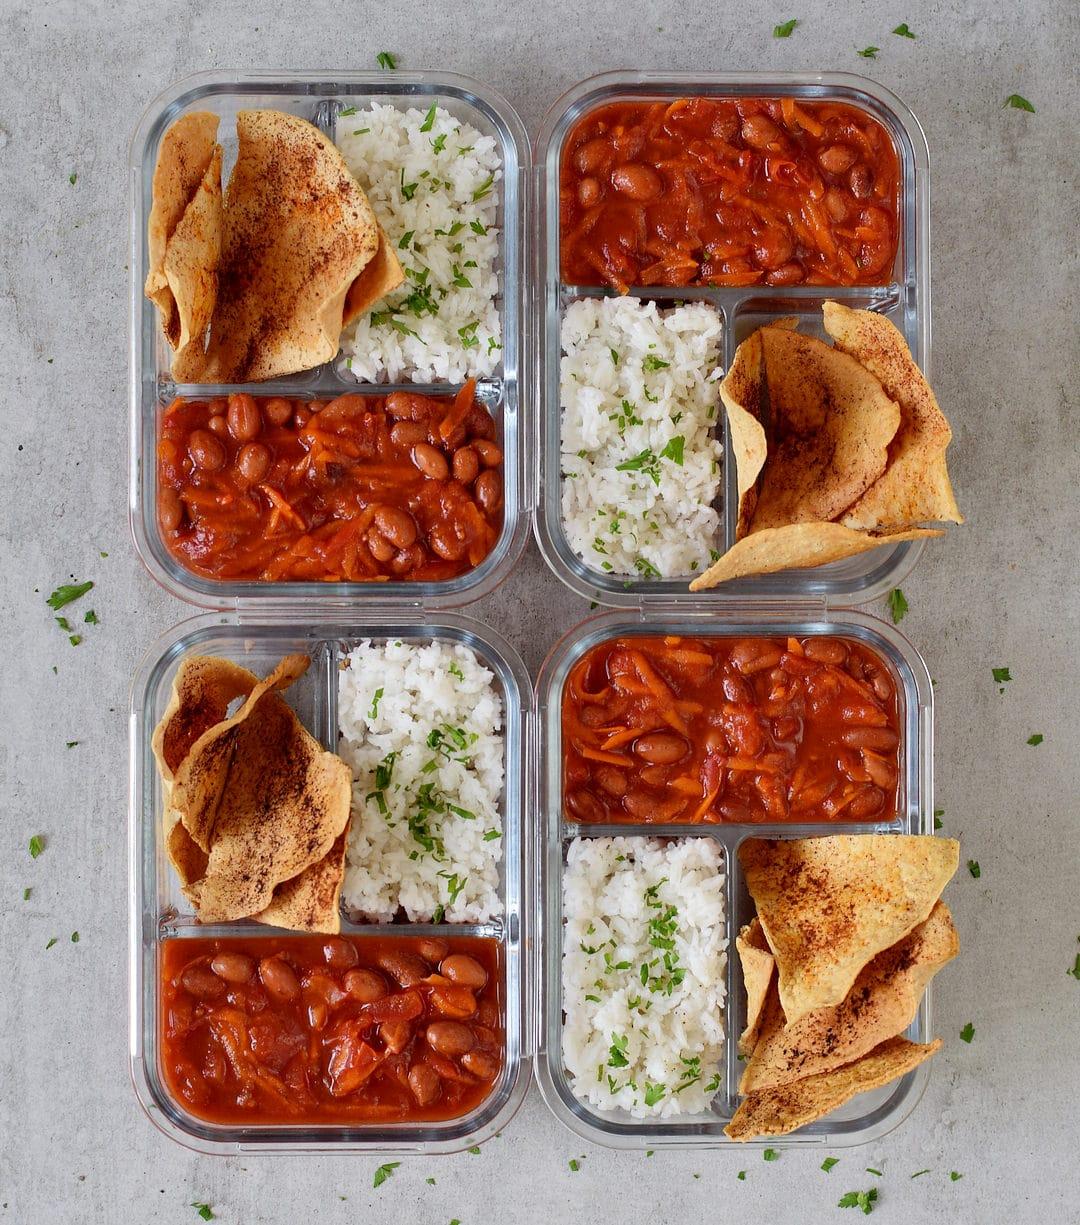 Mahlzeitenvorbereitung mit Reis, Bohnen und Tortilla Chips